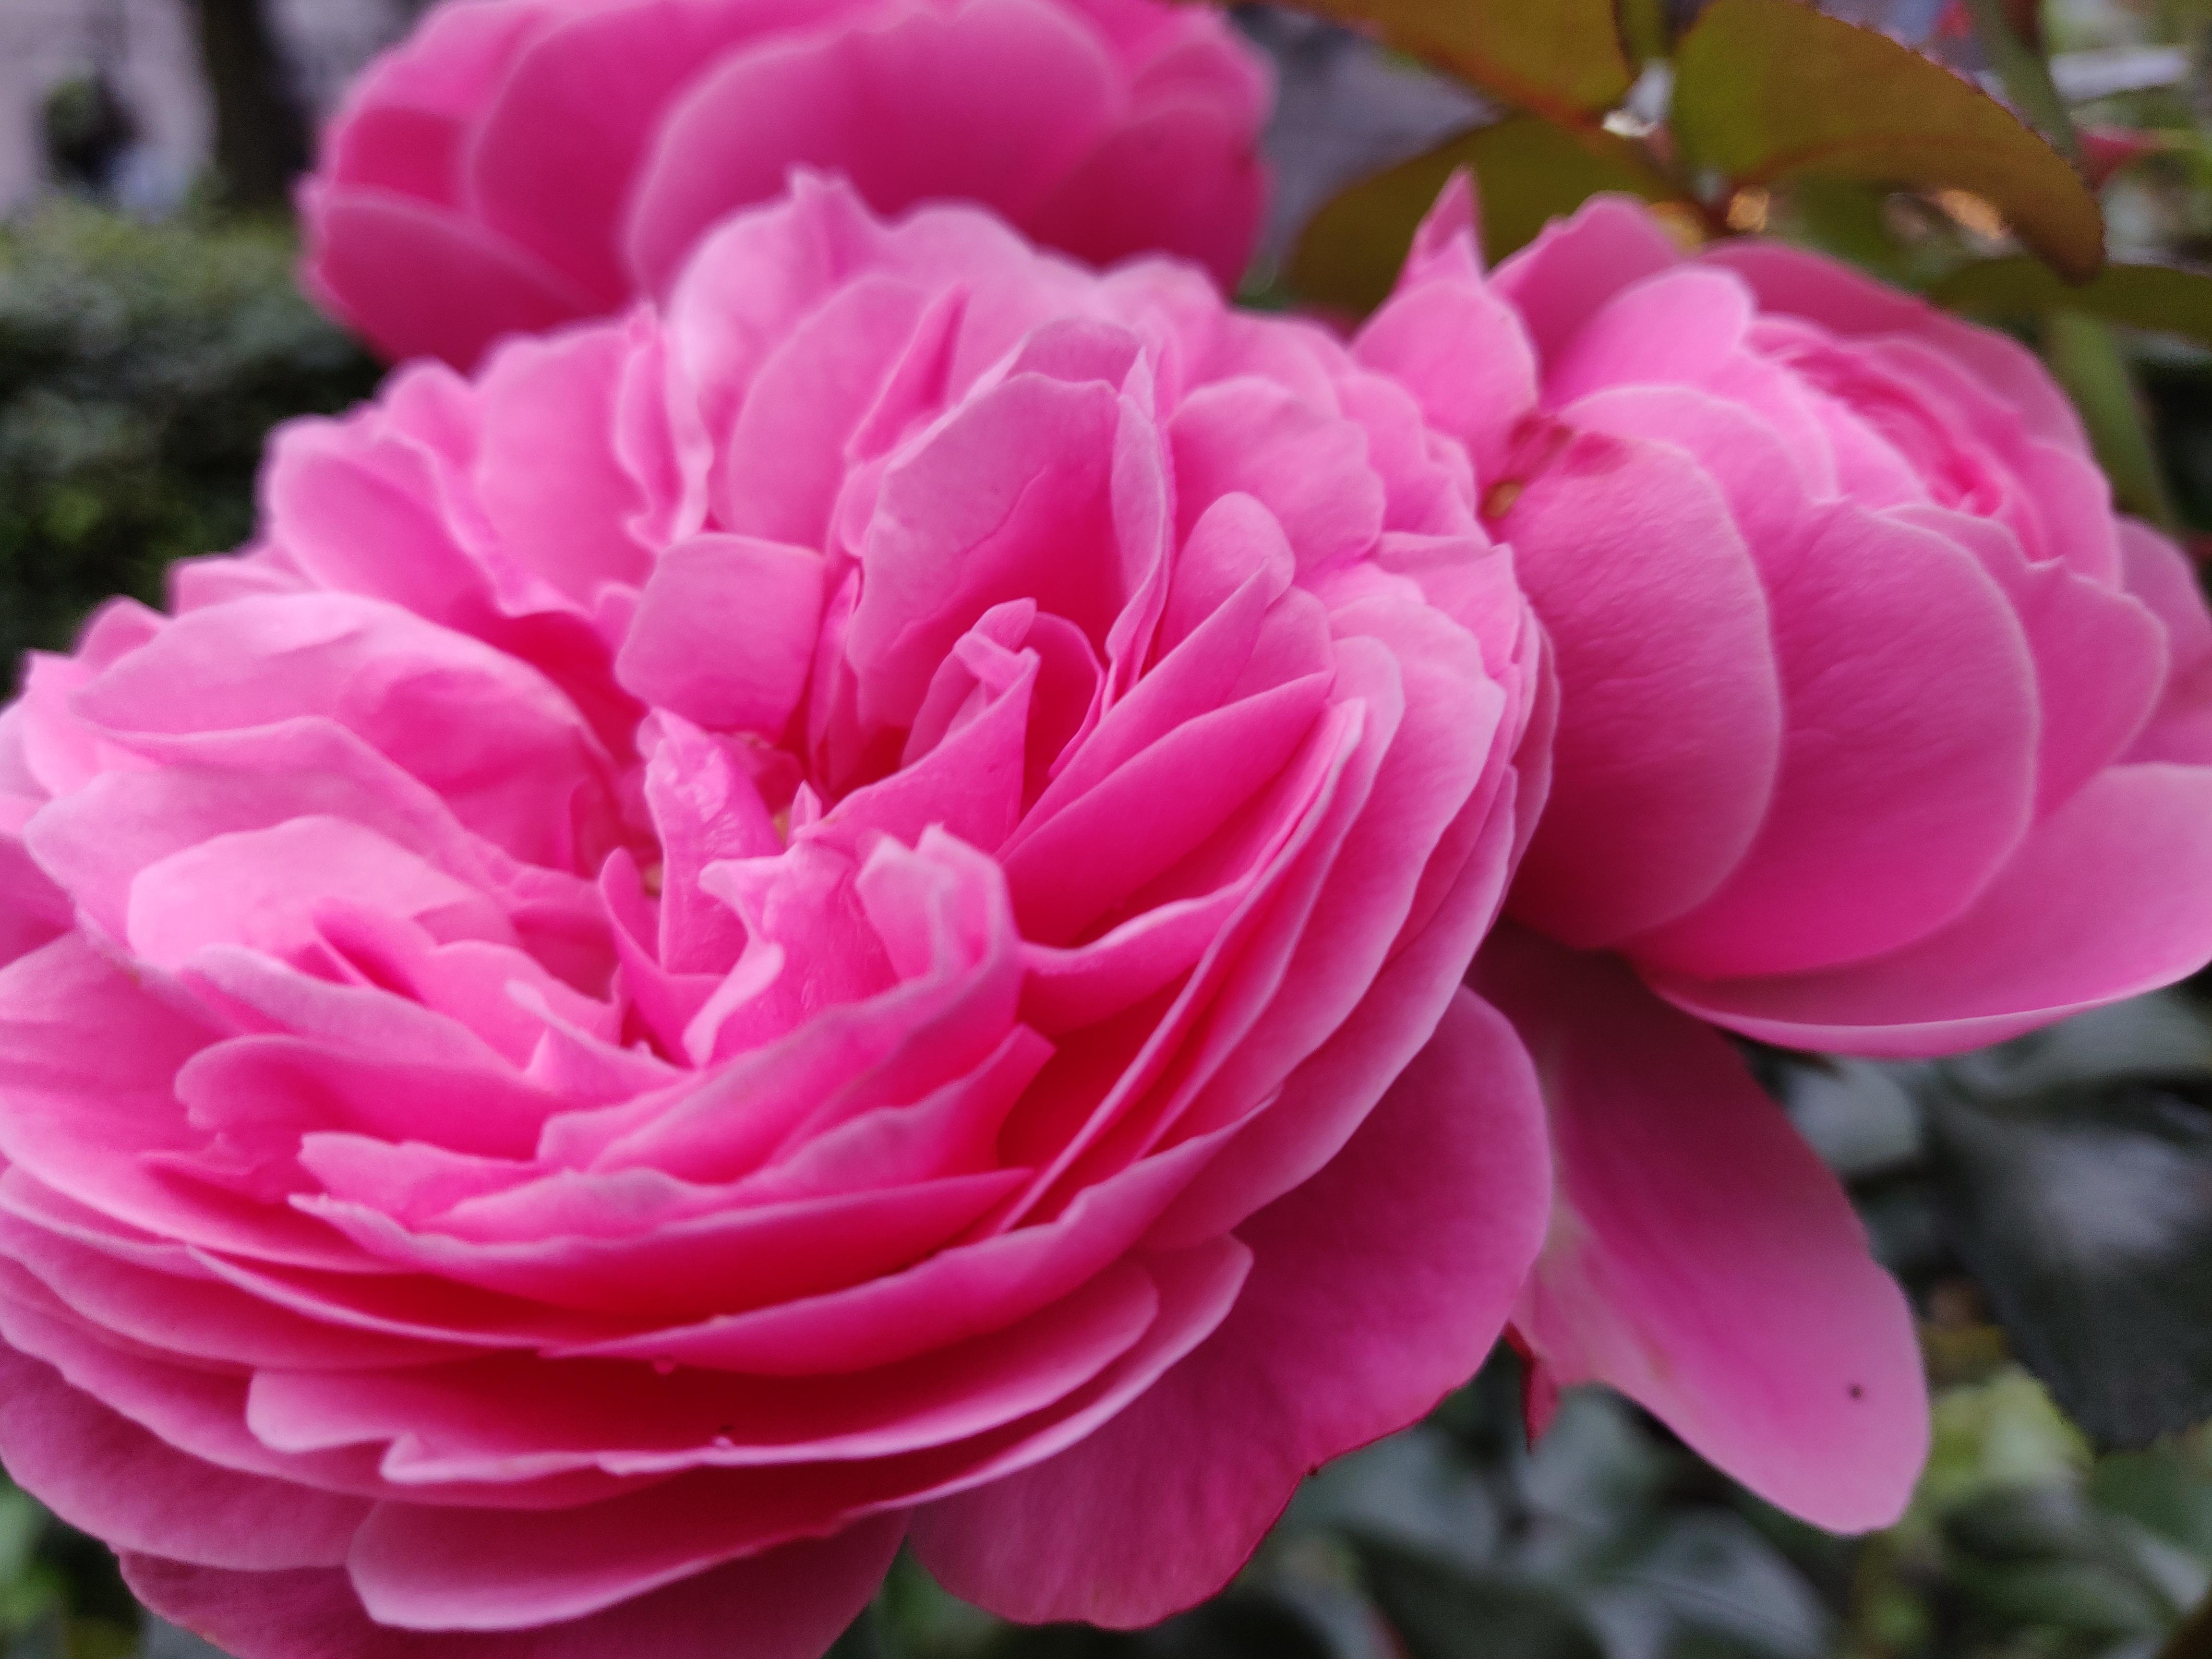 Syöpäsäätiö palkitsee Roosa nauha -päivänä vuoden syöpälääkärin ja -hoitajan